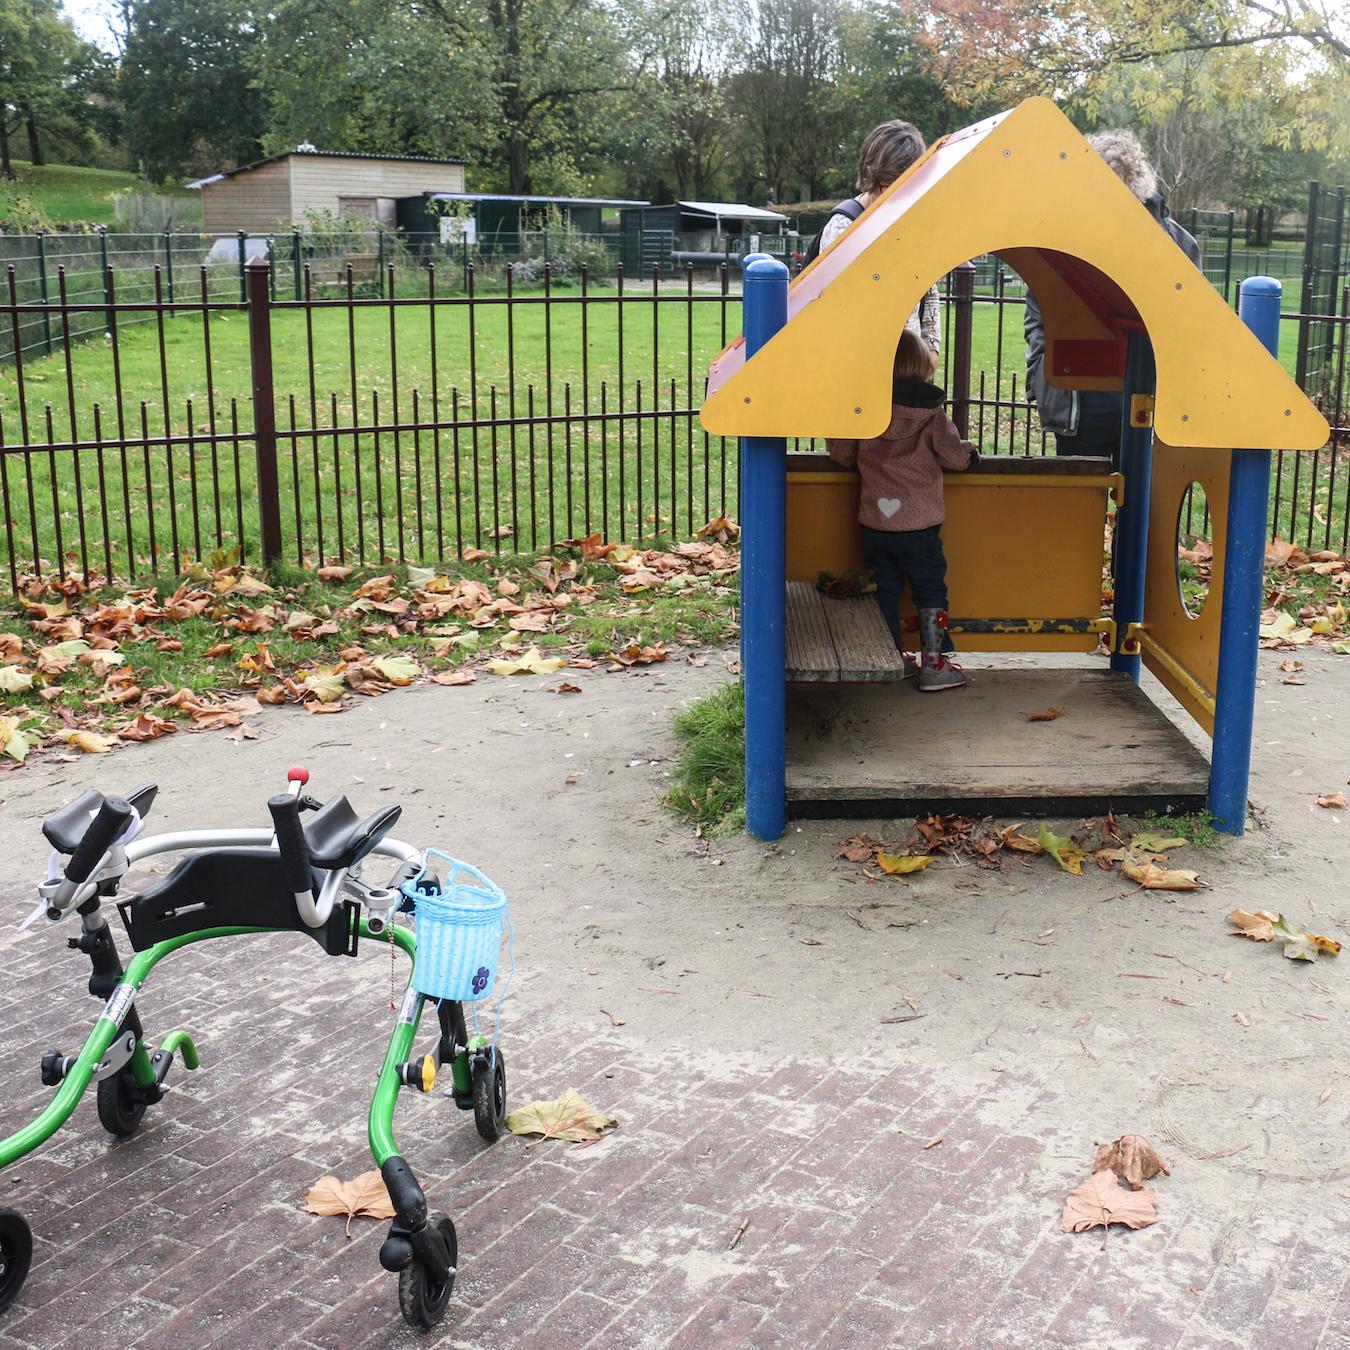 Foto Gagelsteede speelhuisje